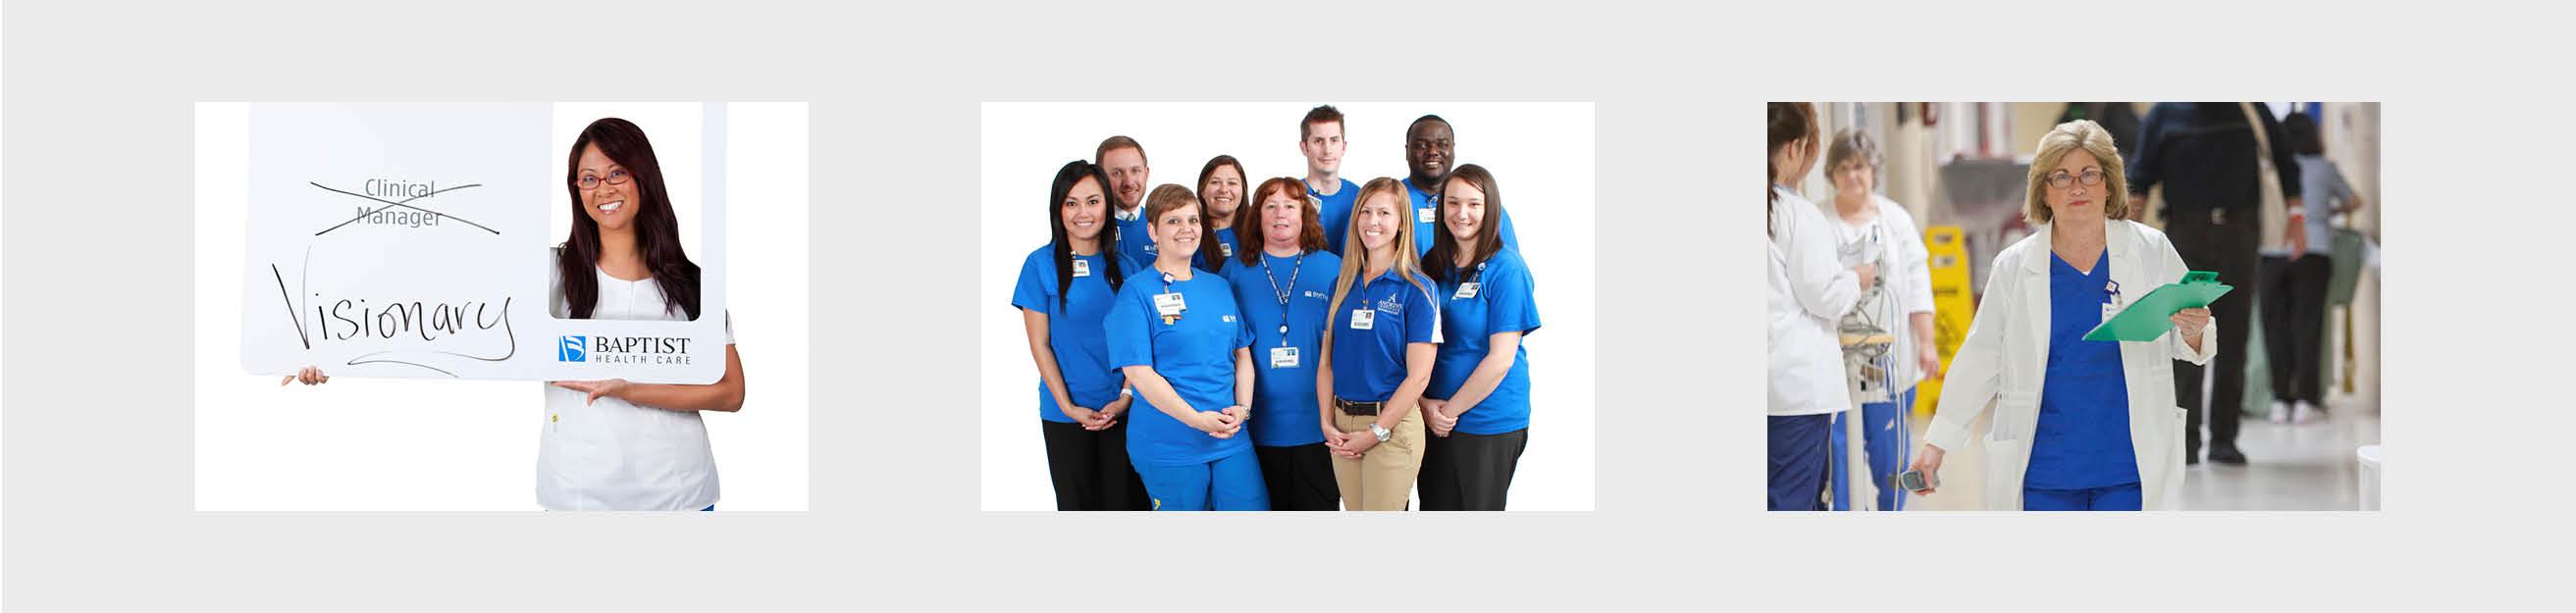 Baptist healthcare Photos